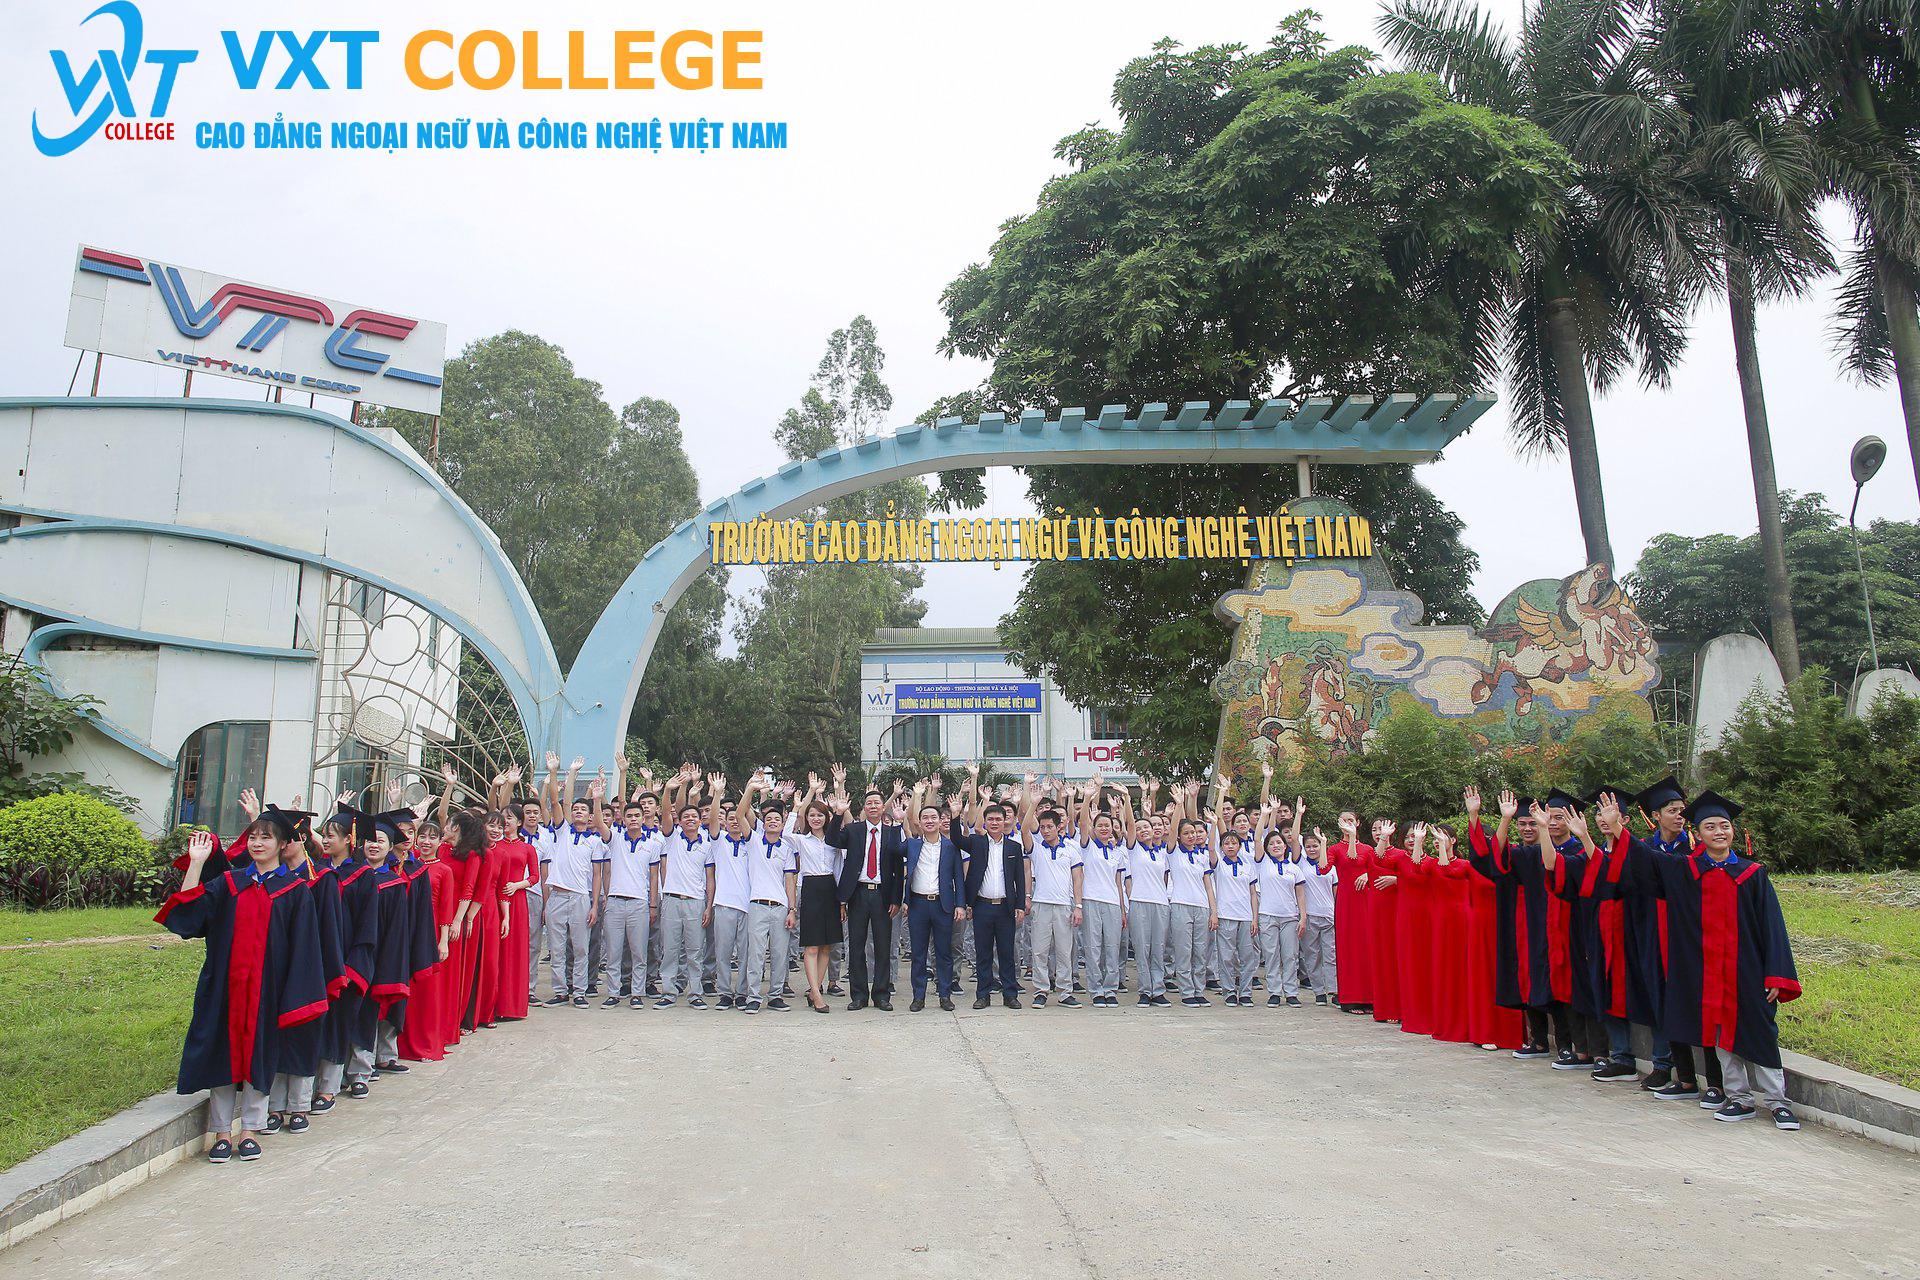 Hãy học văn bằng 2 tiếng Trung tại Cao đẳng Ngoại Ngữ và Công Nghệ Việt Nam